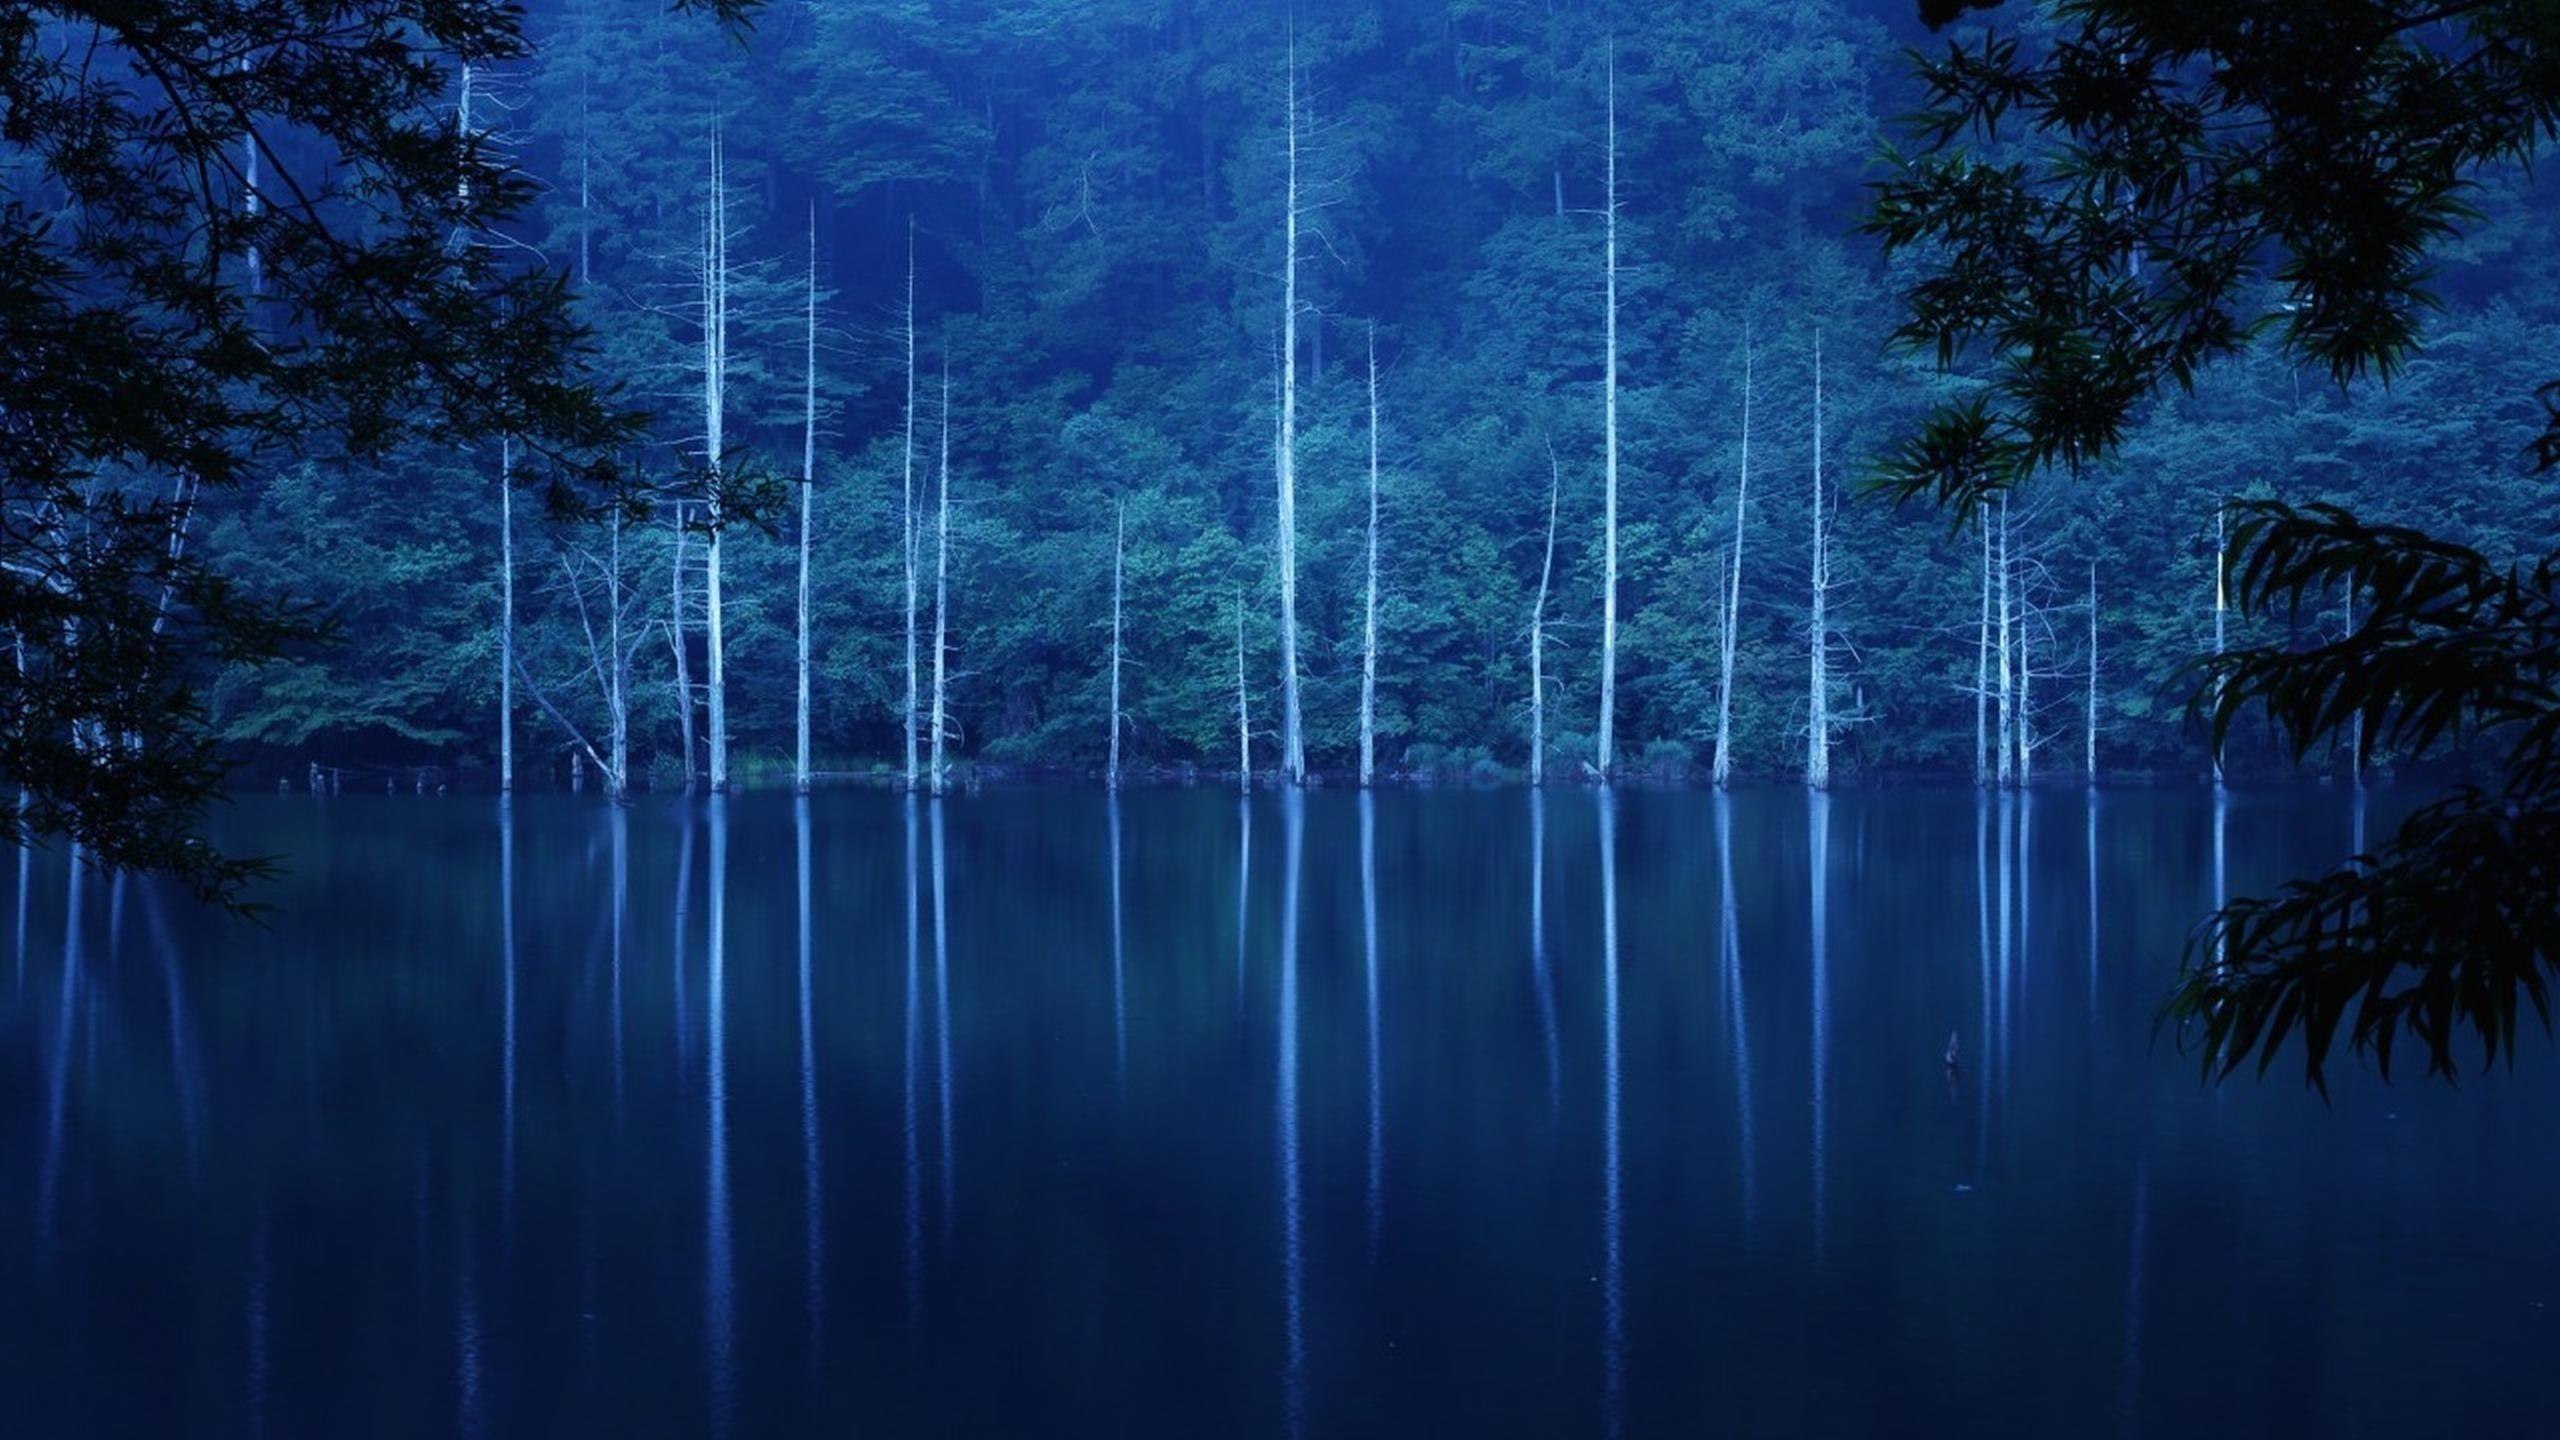 Зеленые деревья покрыли лес на склоне озера с туманом в ночное время природа обои скачать